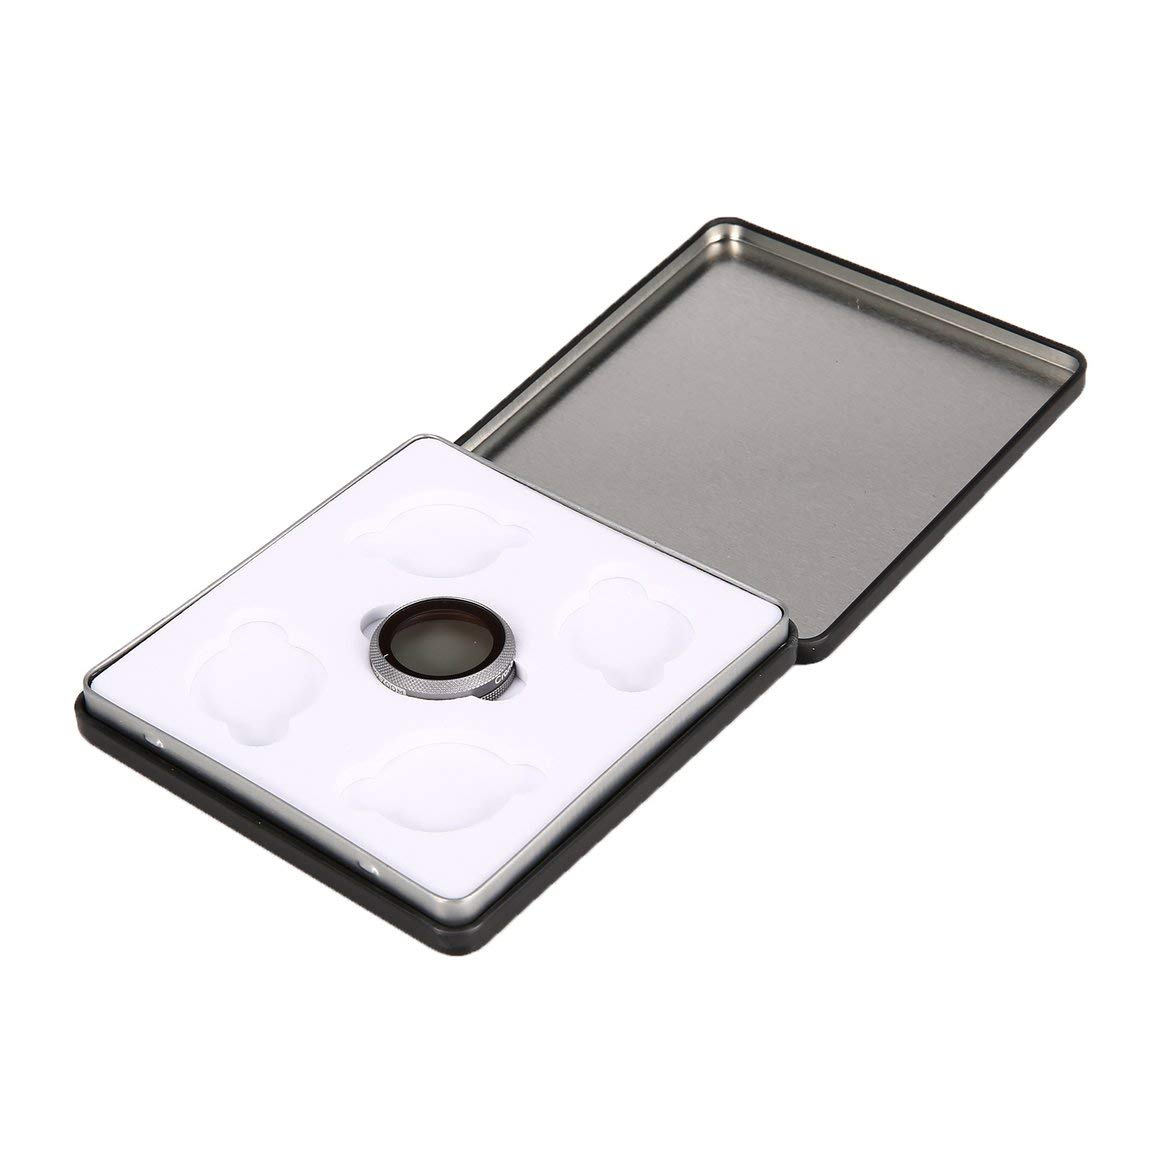 Cranberry Adjastable Mini portatile Lens Filter UV HD Camera Lens Filter Per DJI Mavic Camera 2 Zoom Drone con il caso